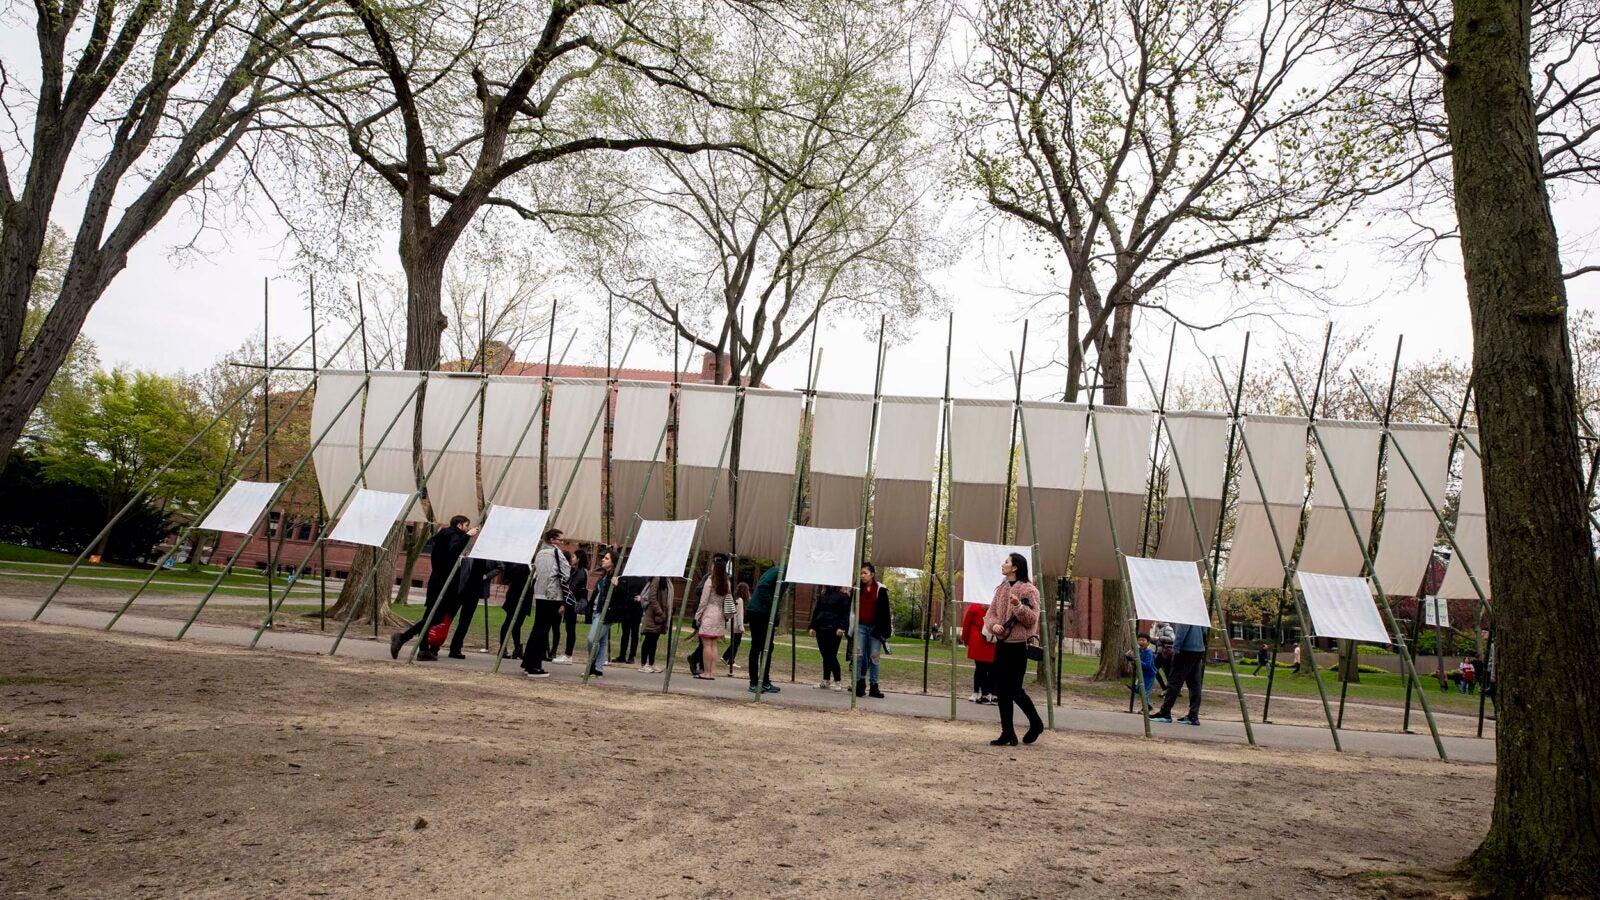 Outdoor art exhibition in Tercentenary Theatre.